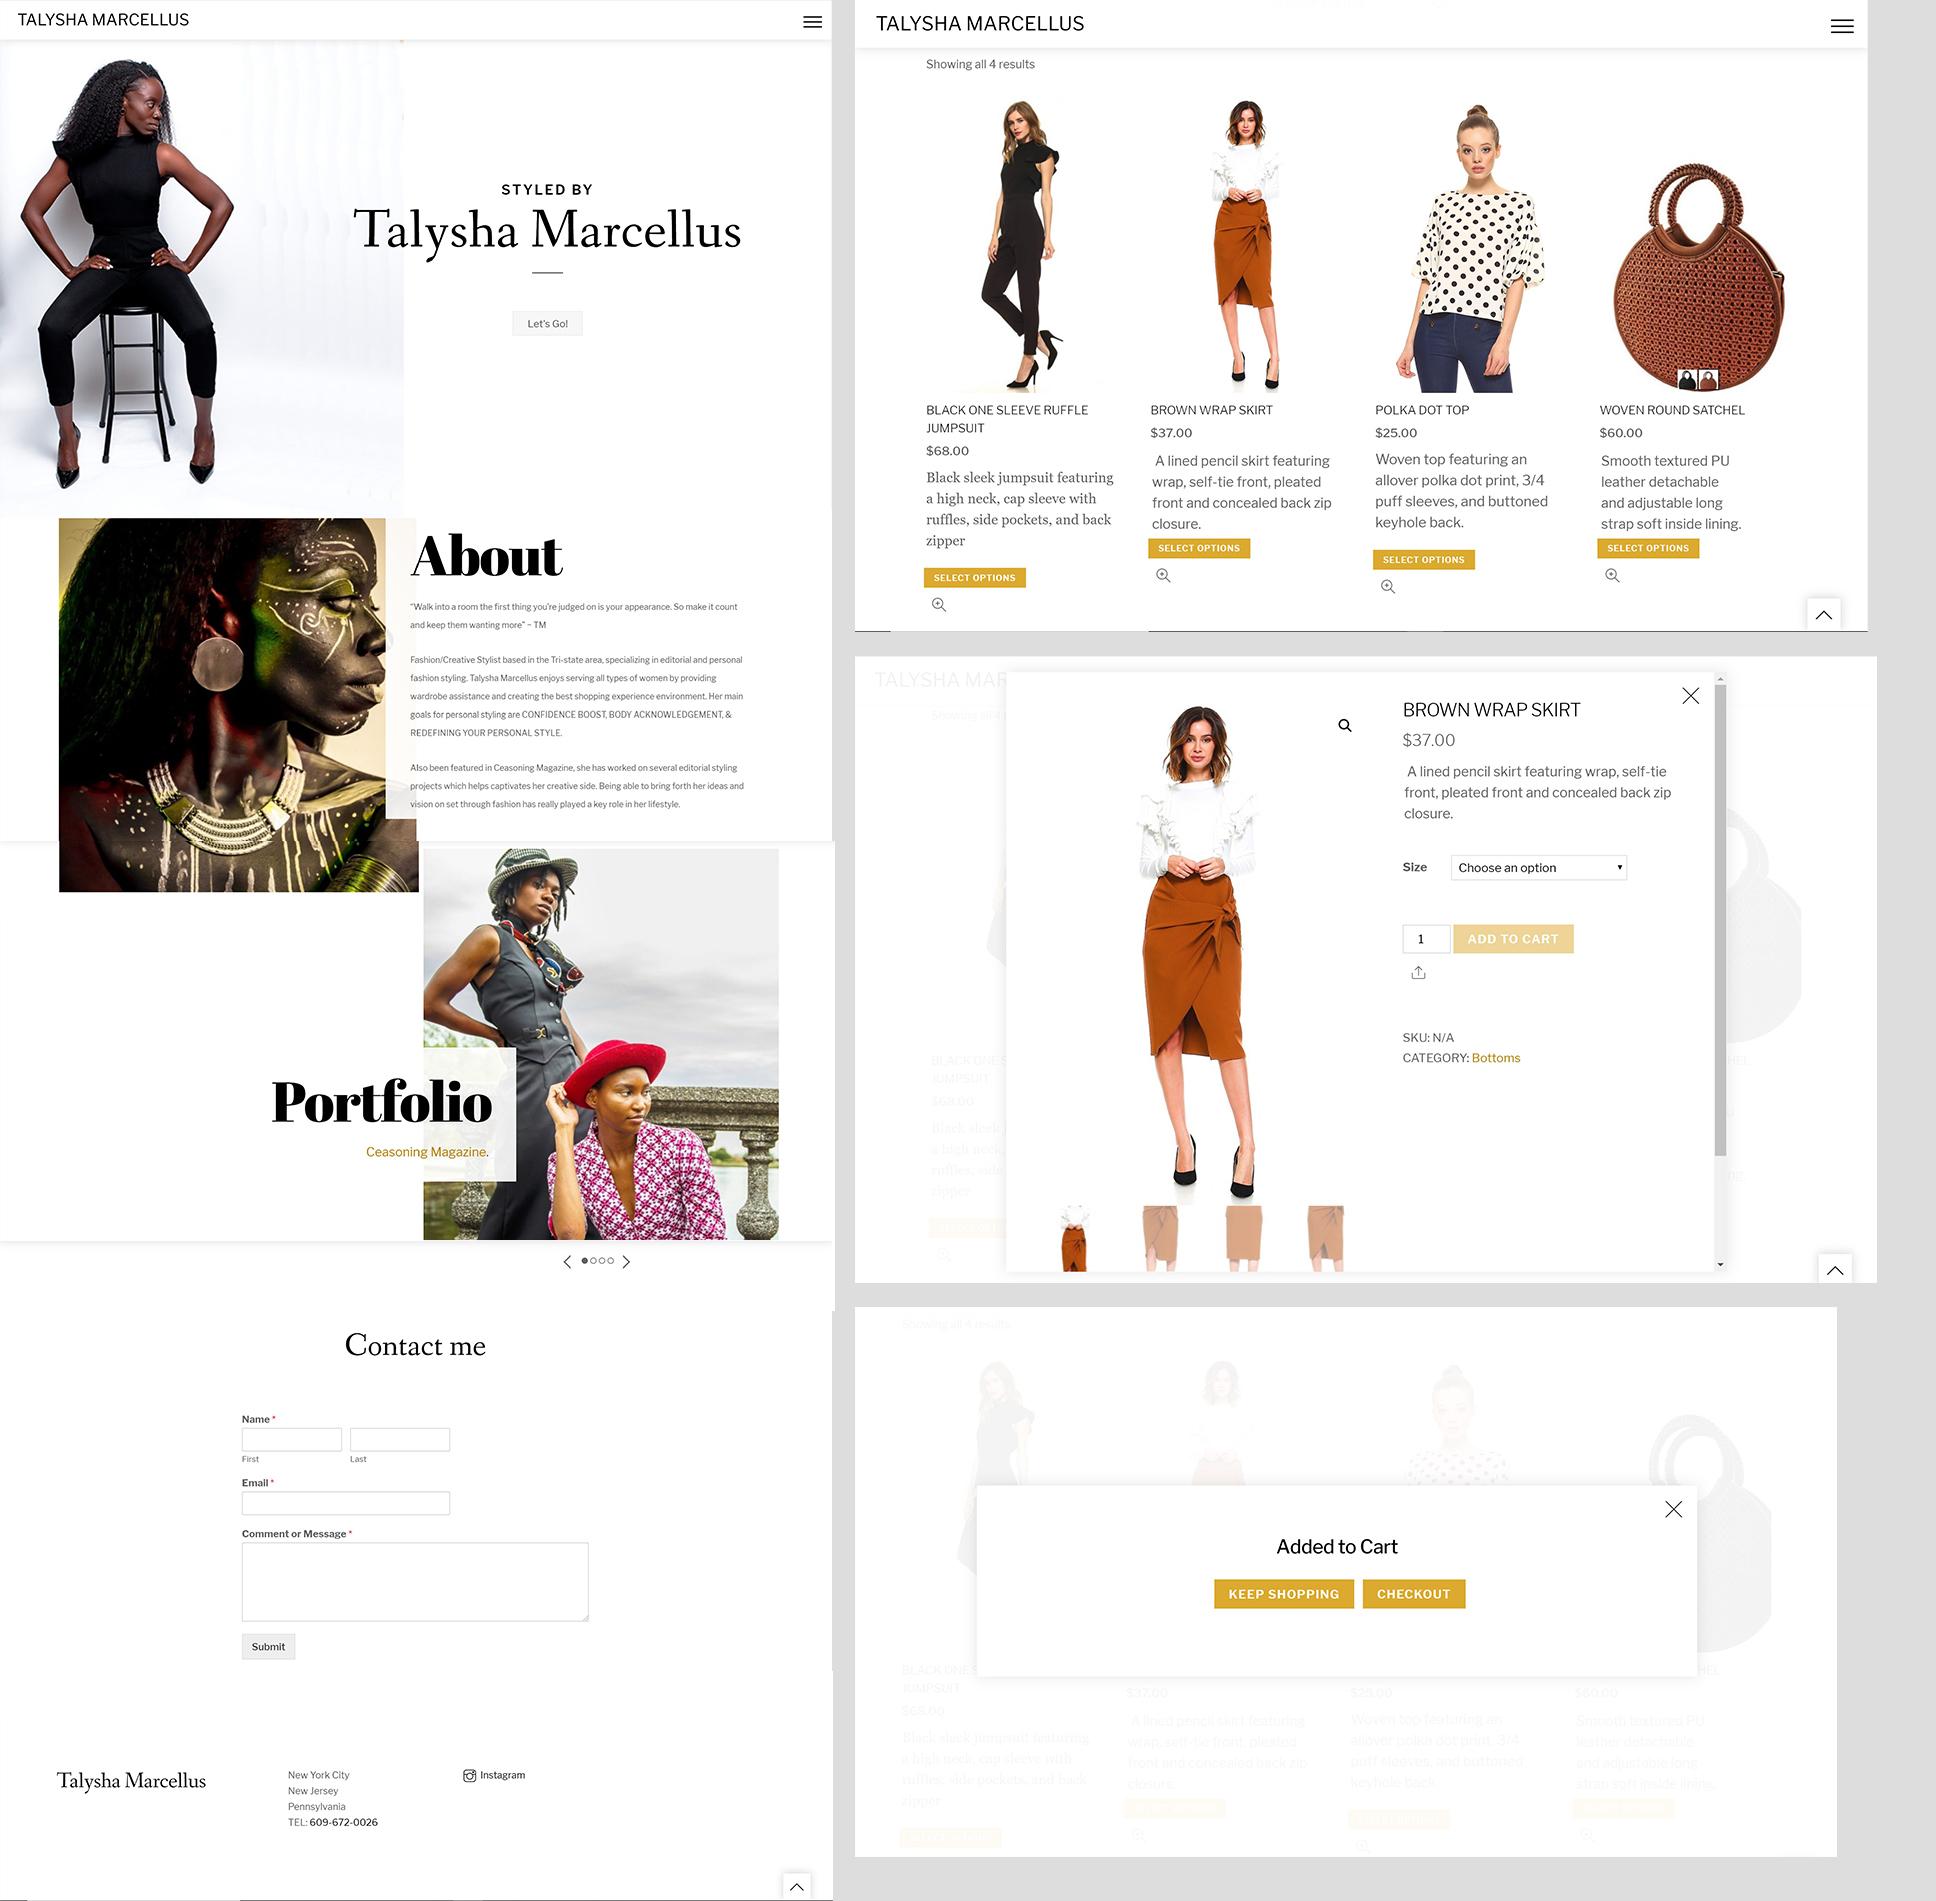 Talysha Marcellus Website